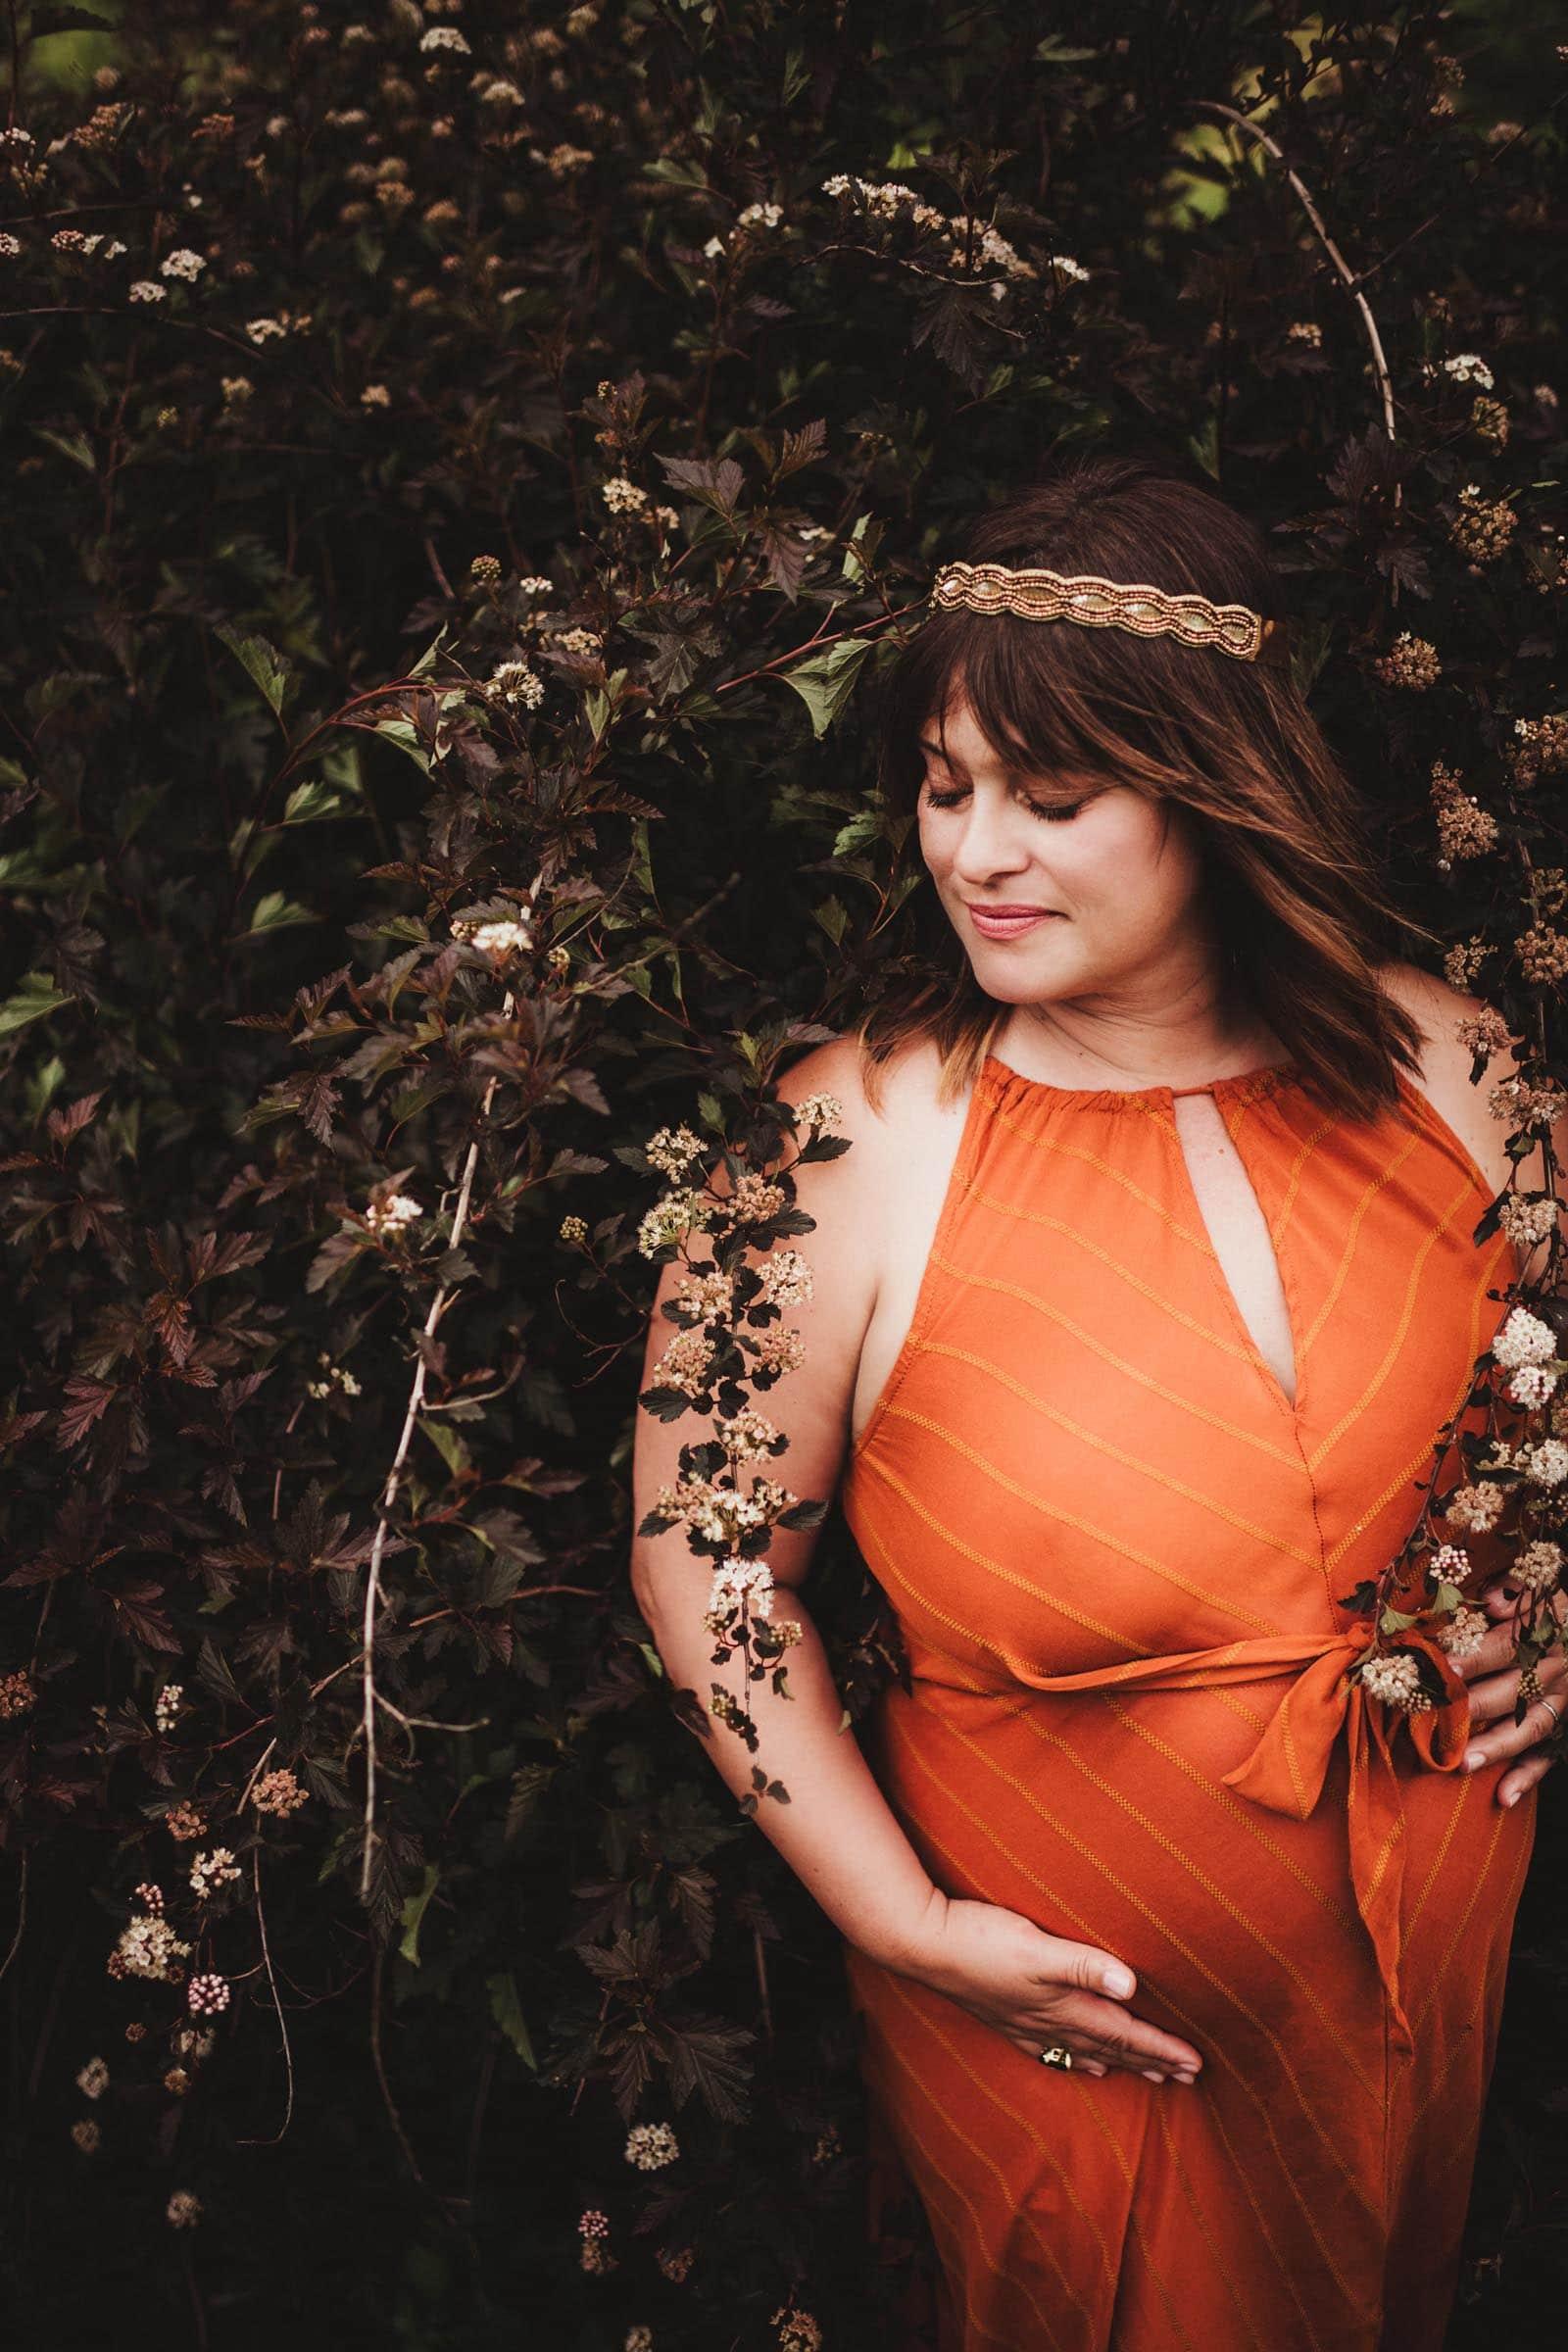 Pregnant Woman Orange Dress